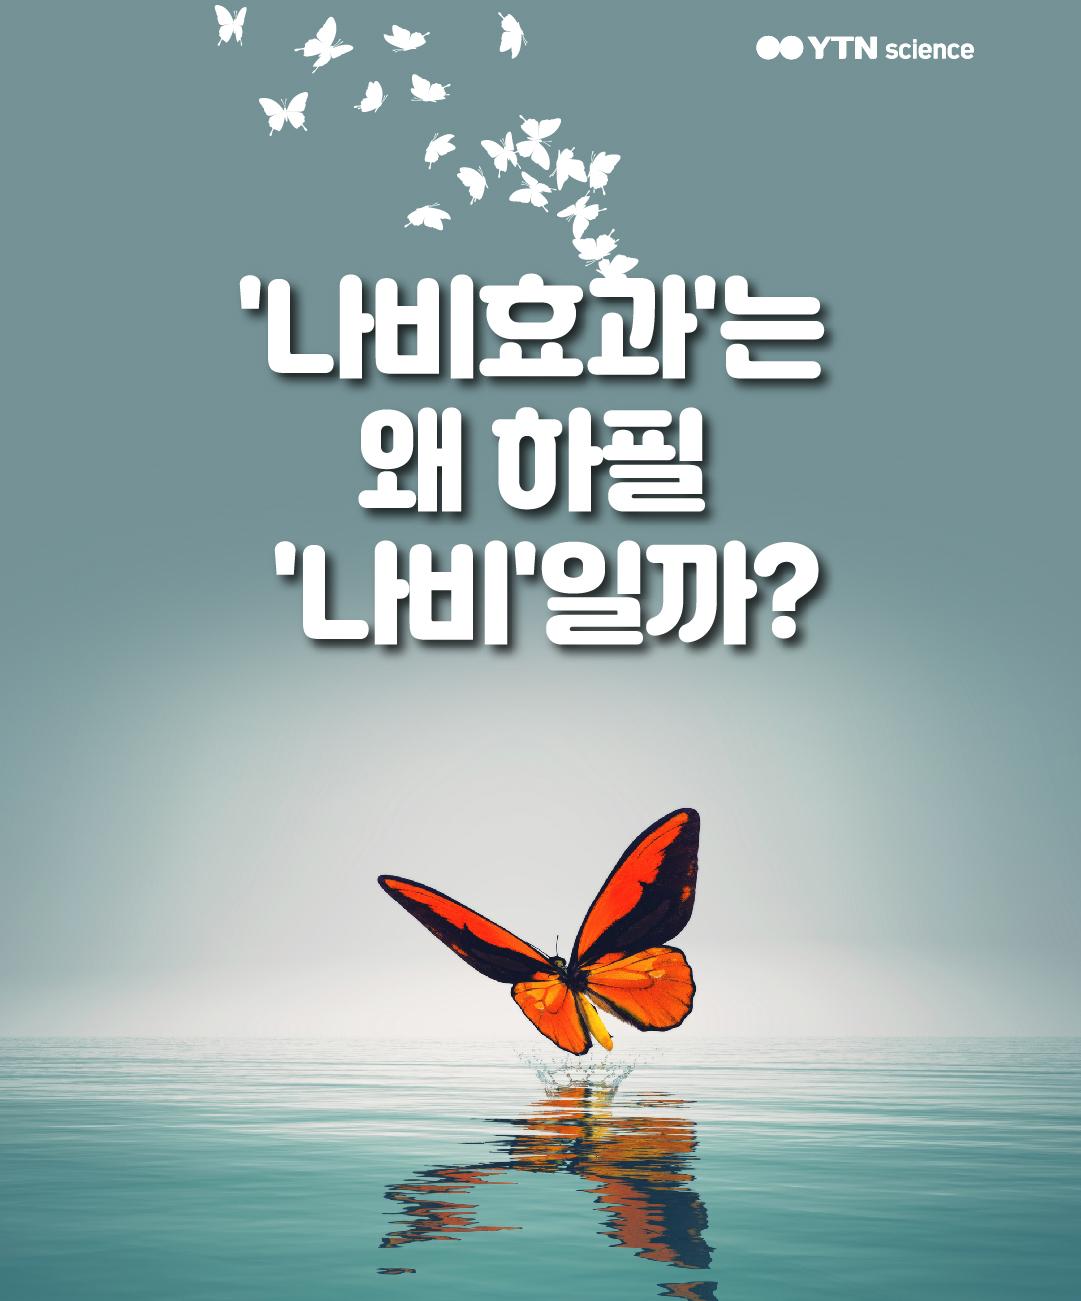 '나비효과'는 왜 하필 '나비'일까? 이미지